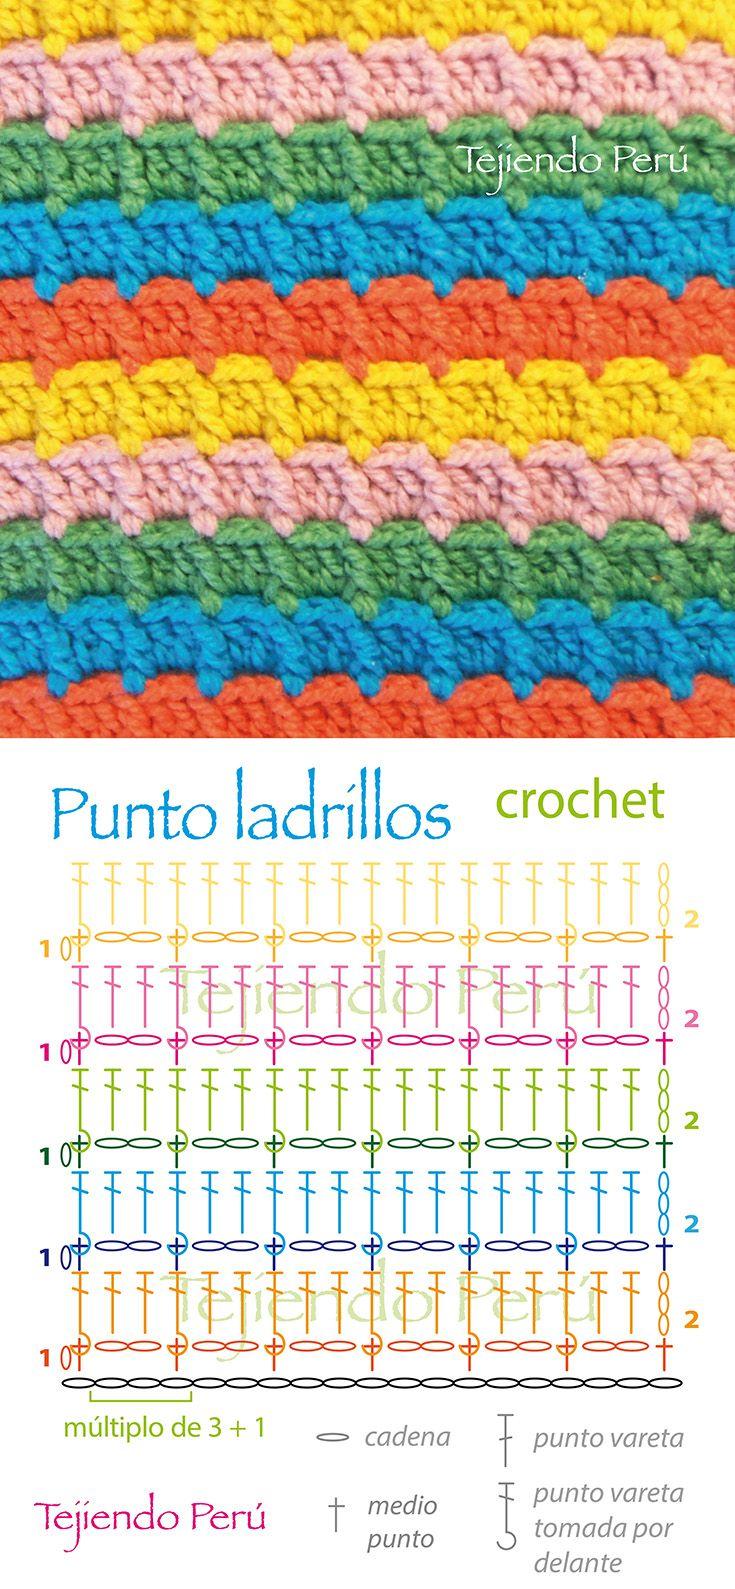 Crochet: punto ladrillos (diagrama o patrón) Pusimos el enlace al video tutorial de cómo hacer la vareta tomada por delante ༺✿ƬⱤღ  https://www.pinterest.com/teretegui/✿༻